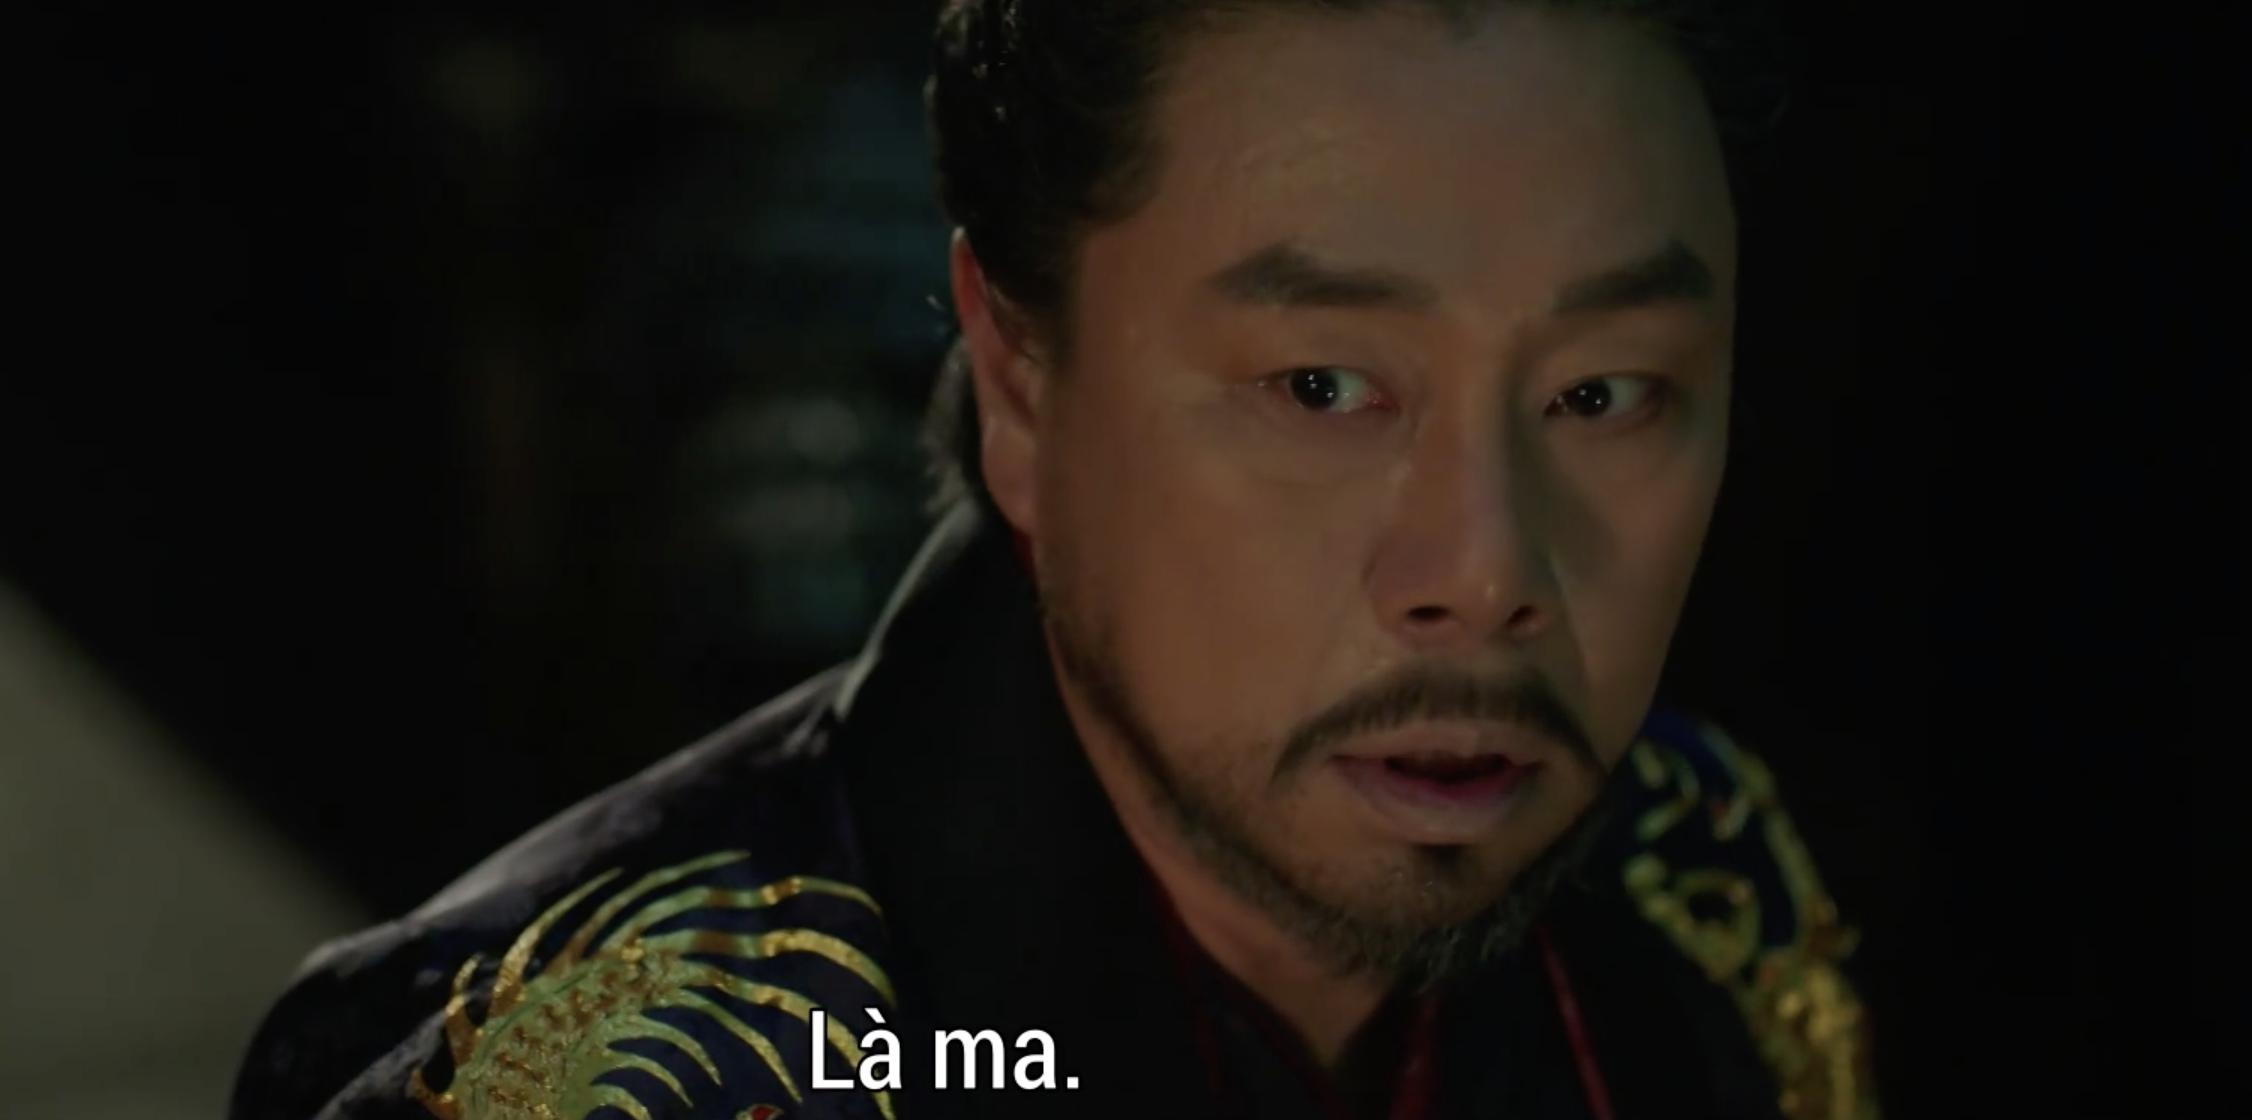 Vừa mới dẫn Kim So Hyun về ra mắt, Ji Soo phát hiện crush là kẻ gián tiếp giết cha ở Sông Đón Trăng Lên? - Ảnh 1.